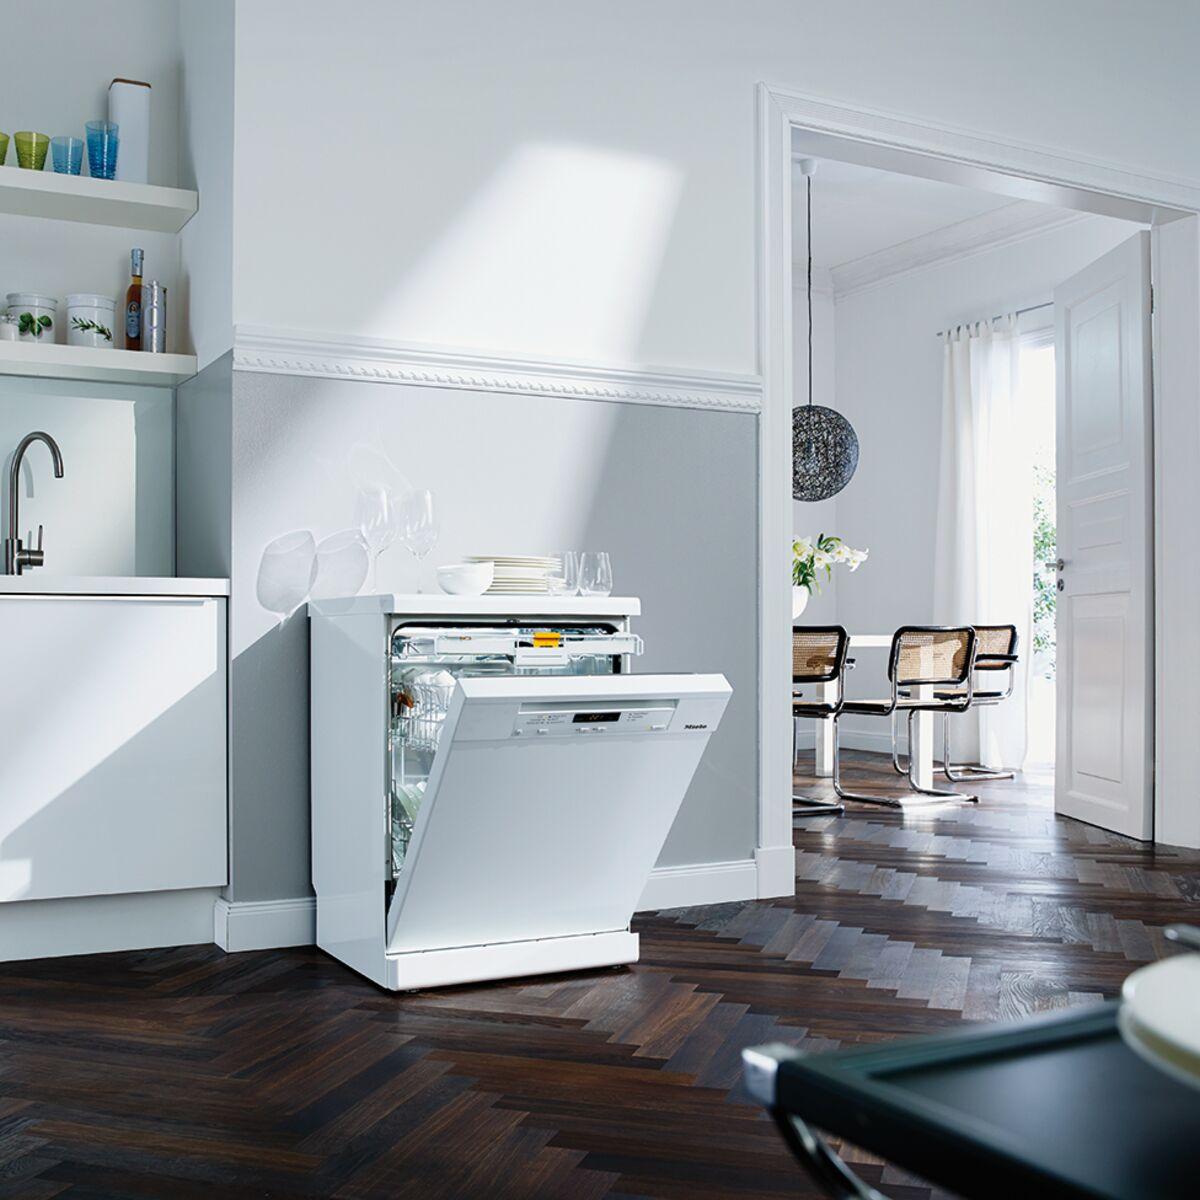 Peinture Pour Lave Vaisselle comment choisir le bon lave-vaisselle ? : femme actuelle le mag